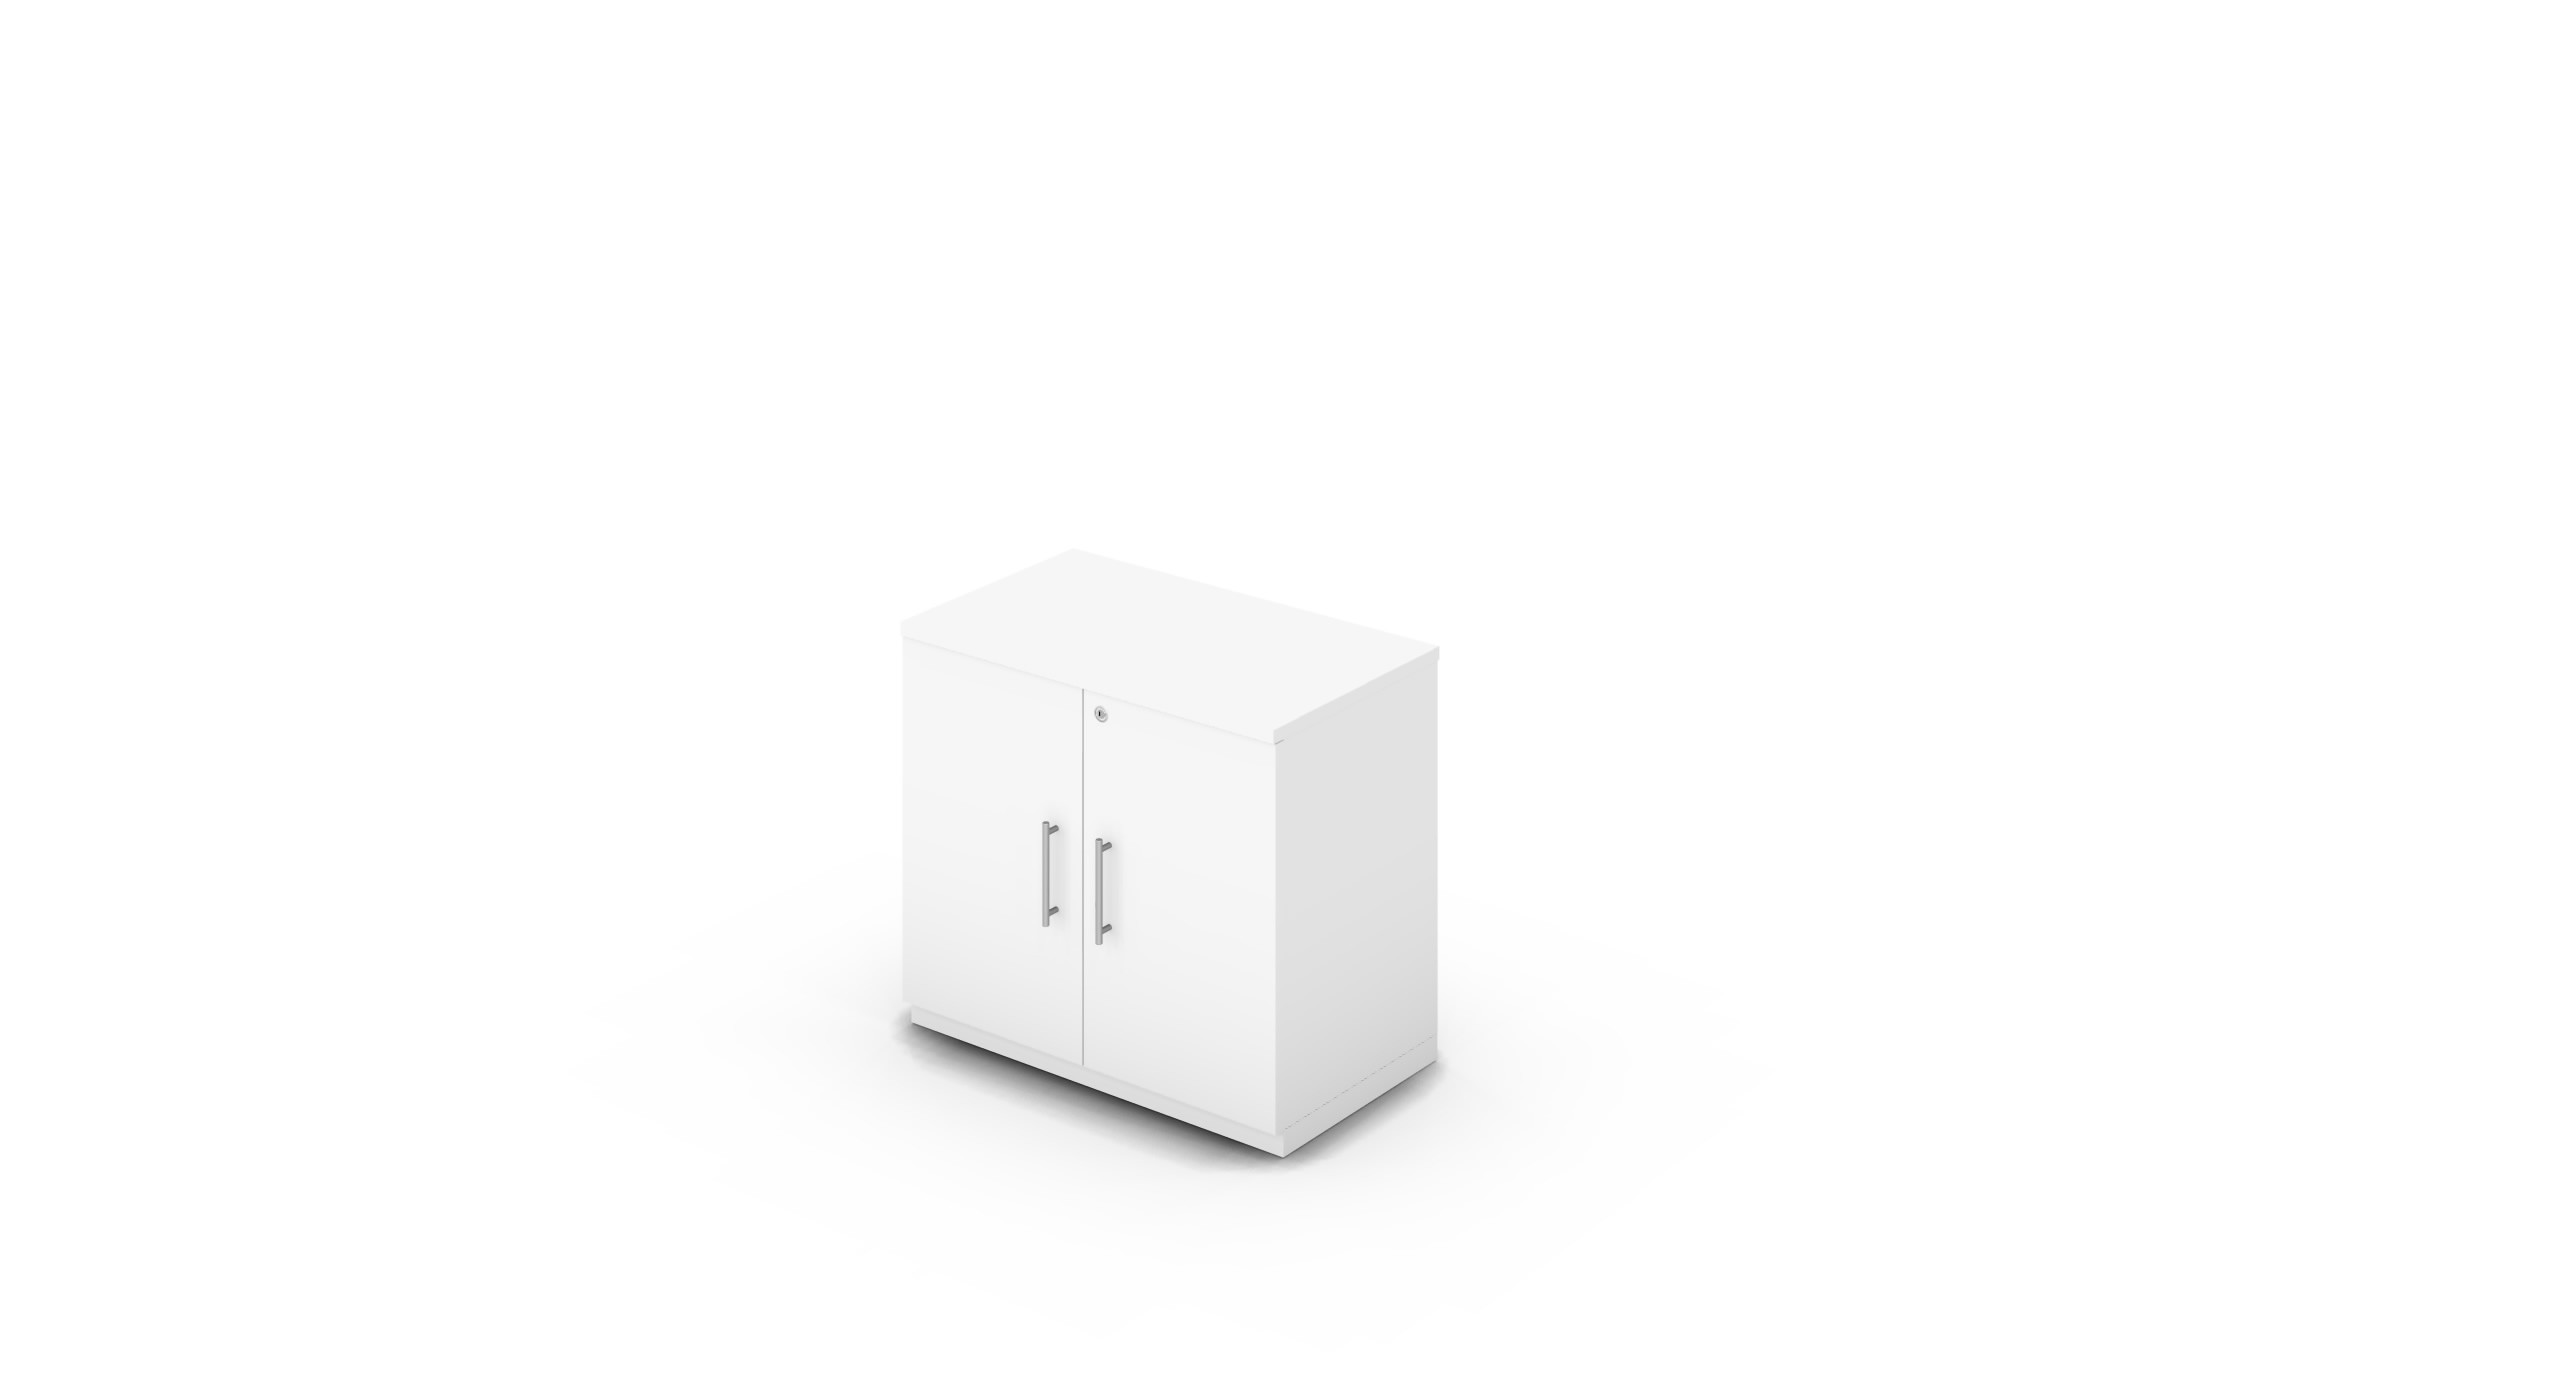 Cabinet_800x450x775_HD_White_Bar_Round_WithCylinder